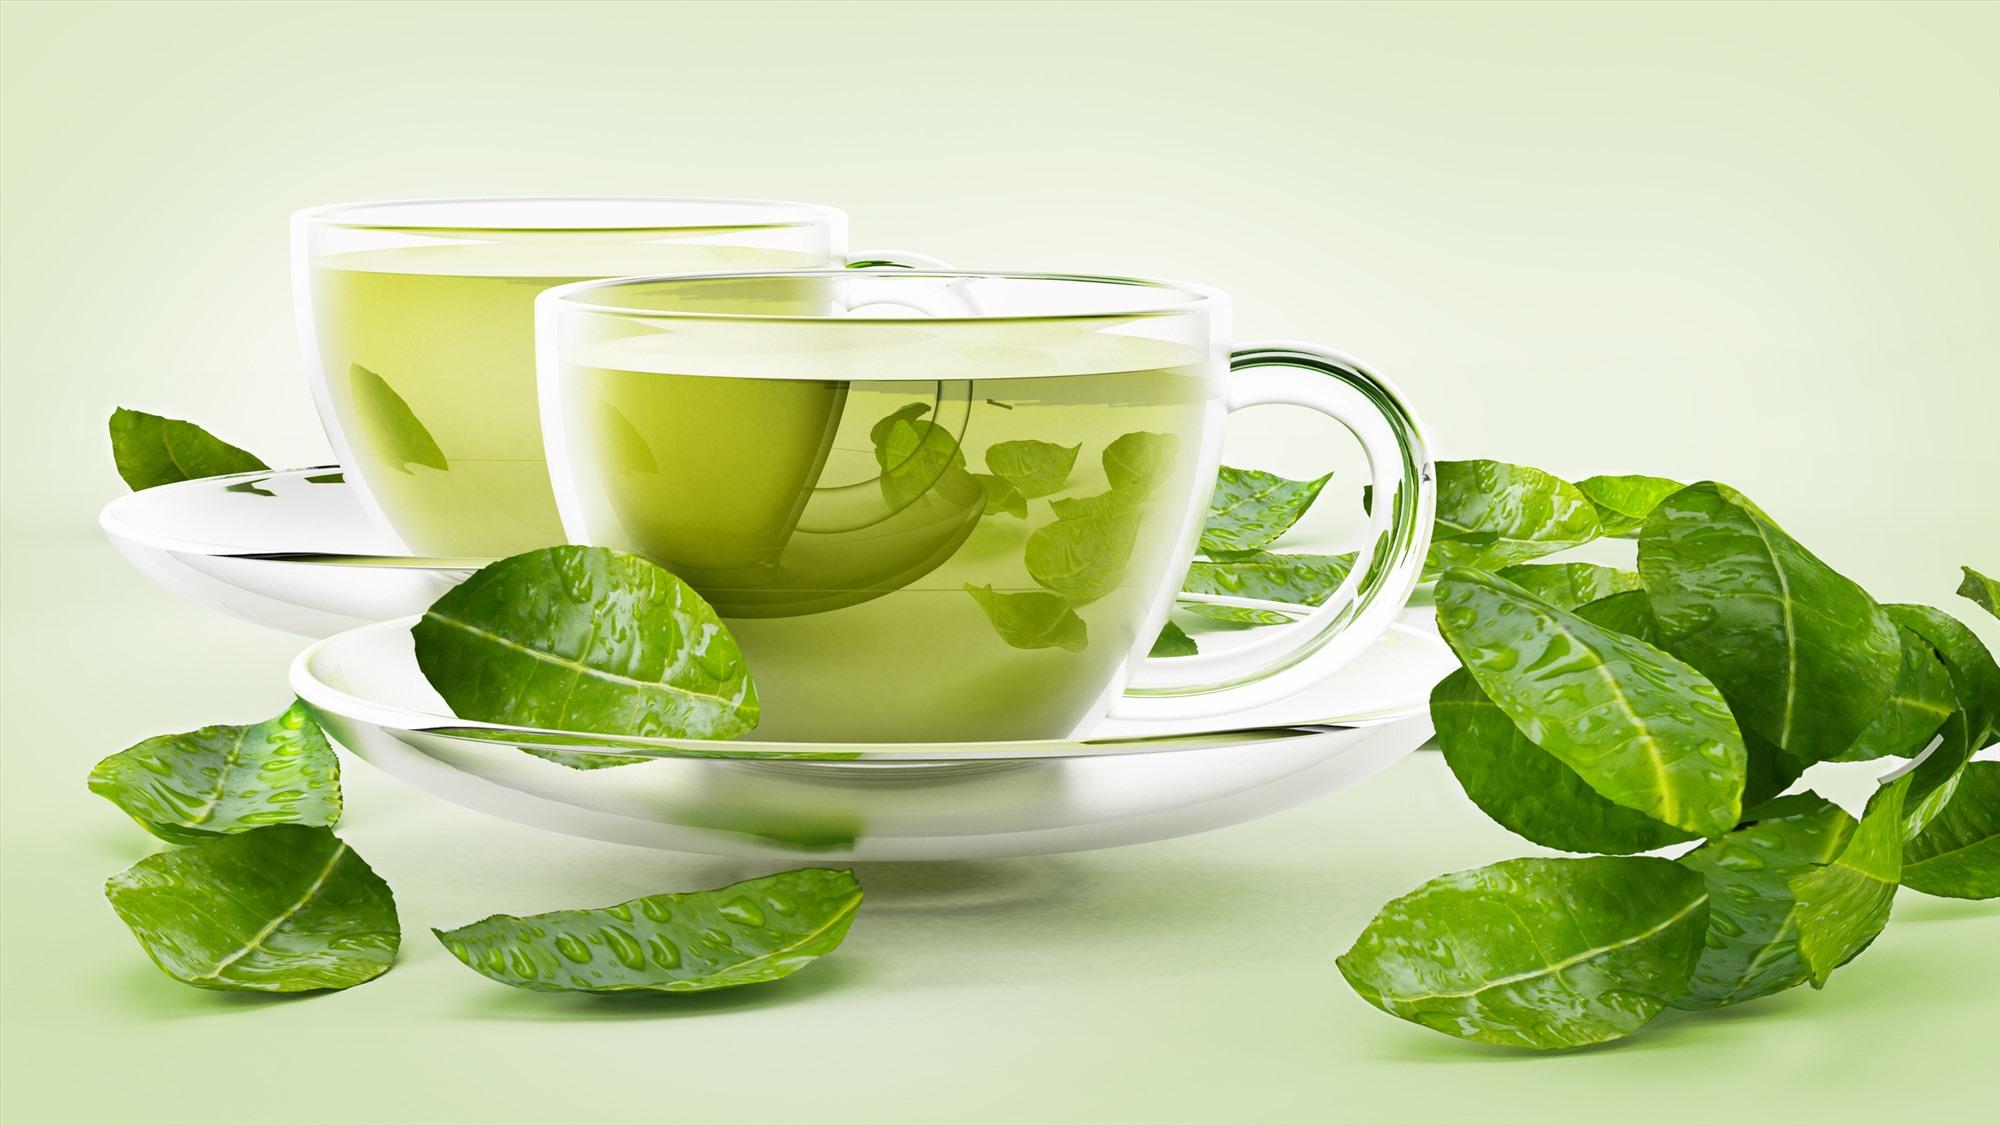 Trà xanh là lá trà hoàn toàn không trải qua quá trình lên men